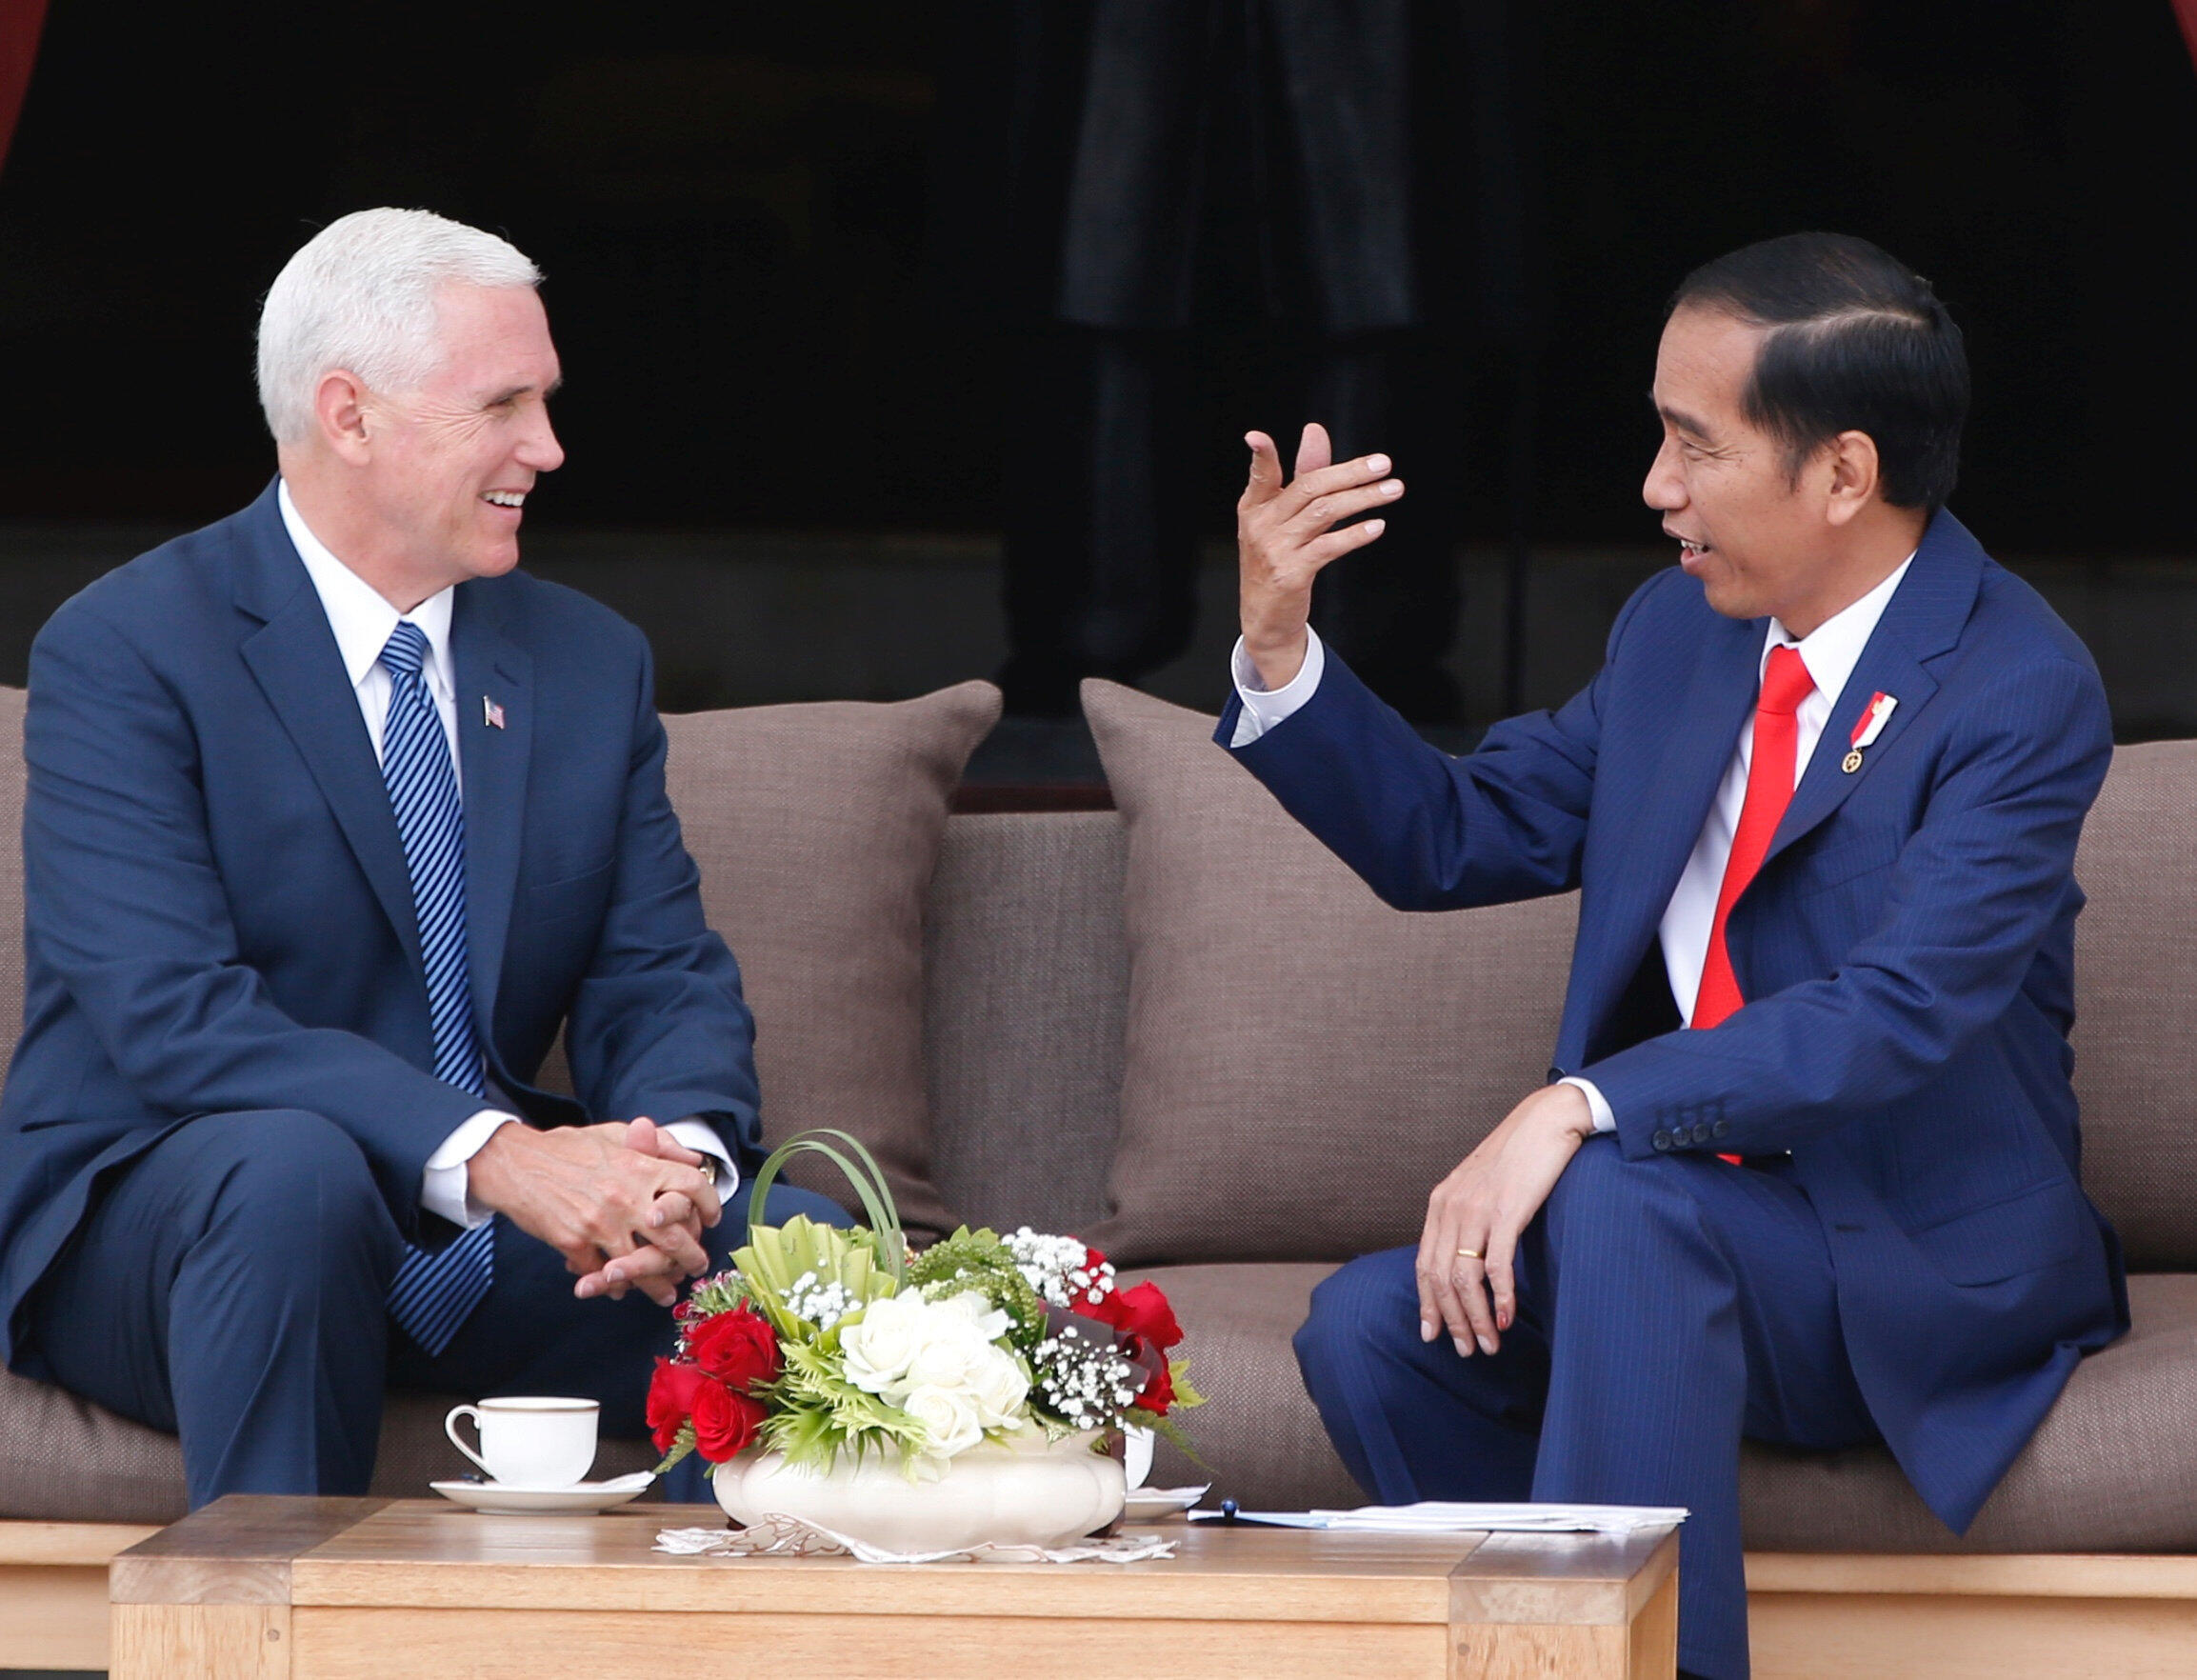 Tổng thống Joko Widodo (P) tiếp phó tổng thống Mỹ Mike Pence, tại phủ tổng thống, Jakarta, Indonesia, ngày 20/04/2017.